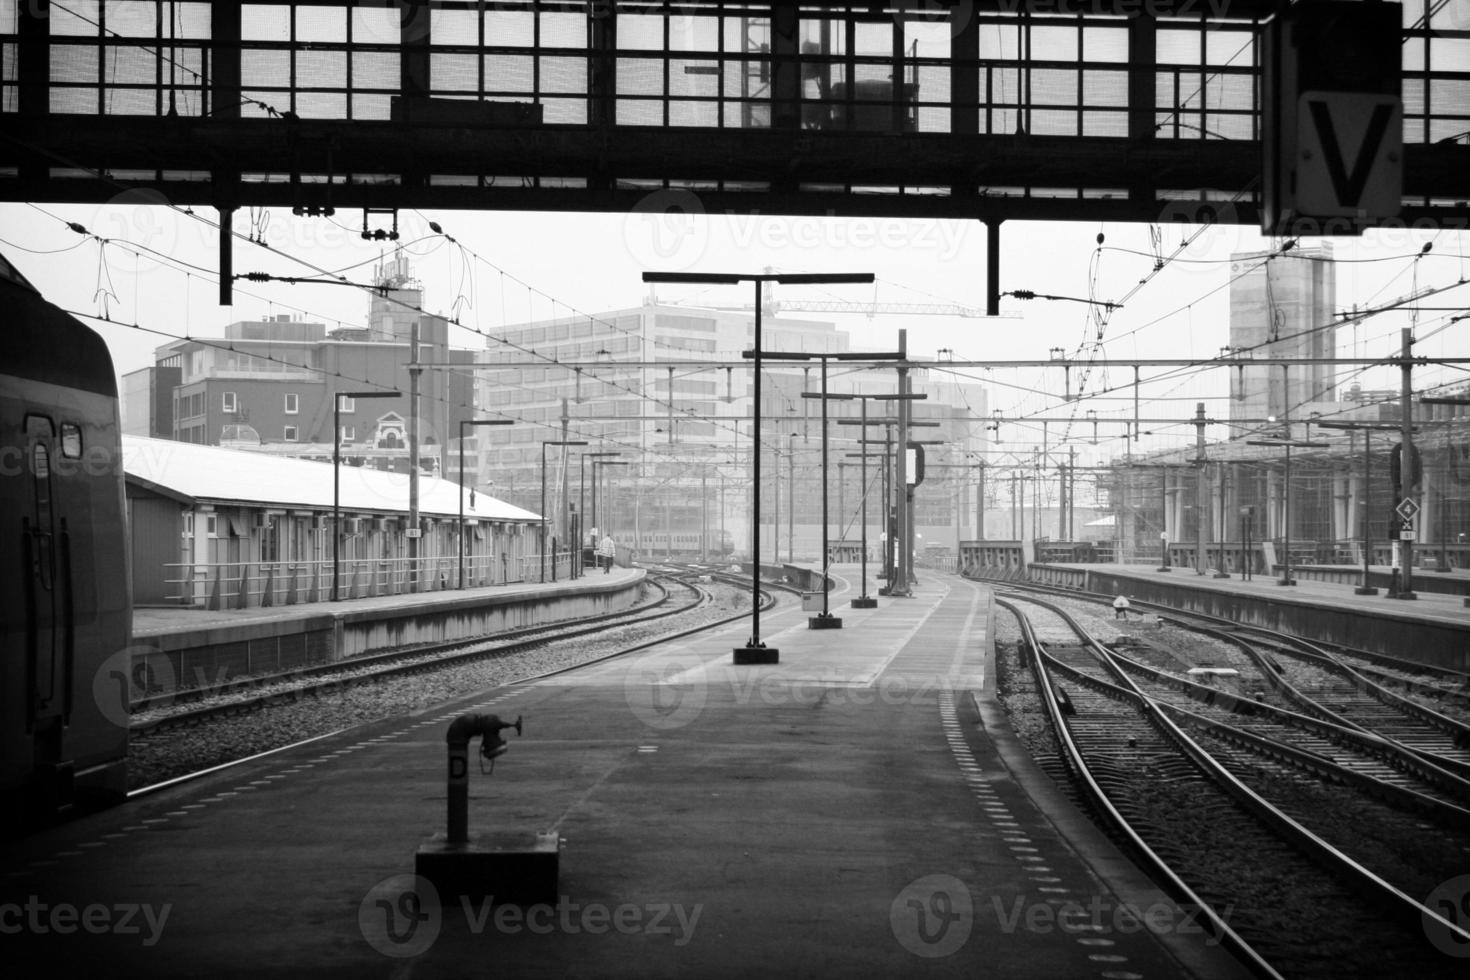 stazione ferroviaria di amsterdam foto